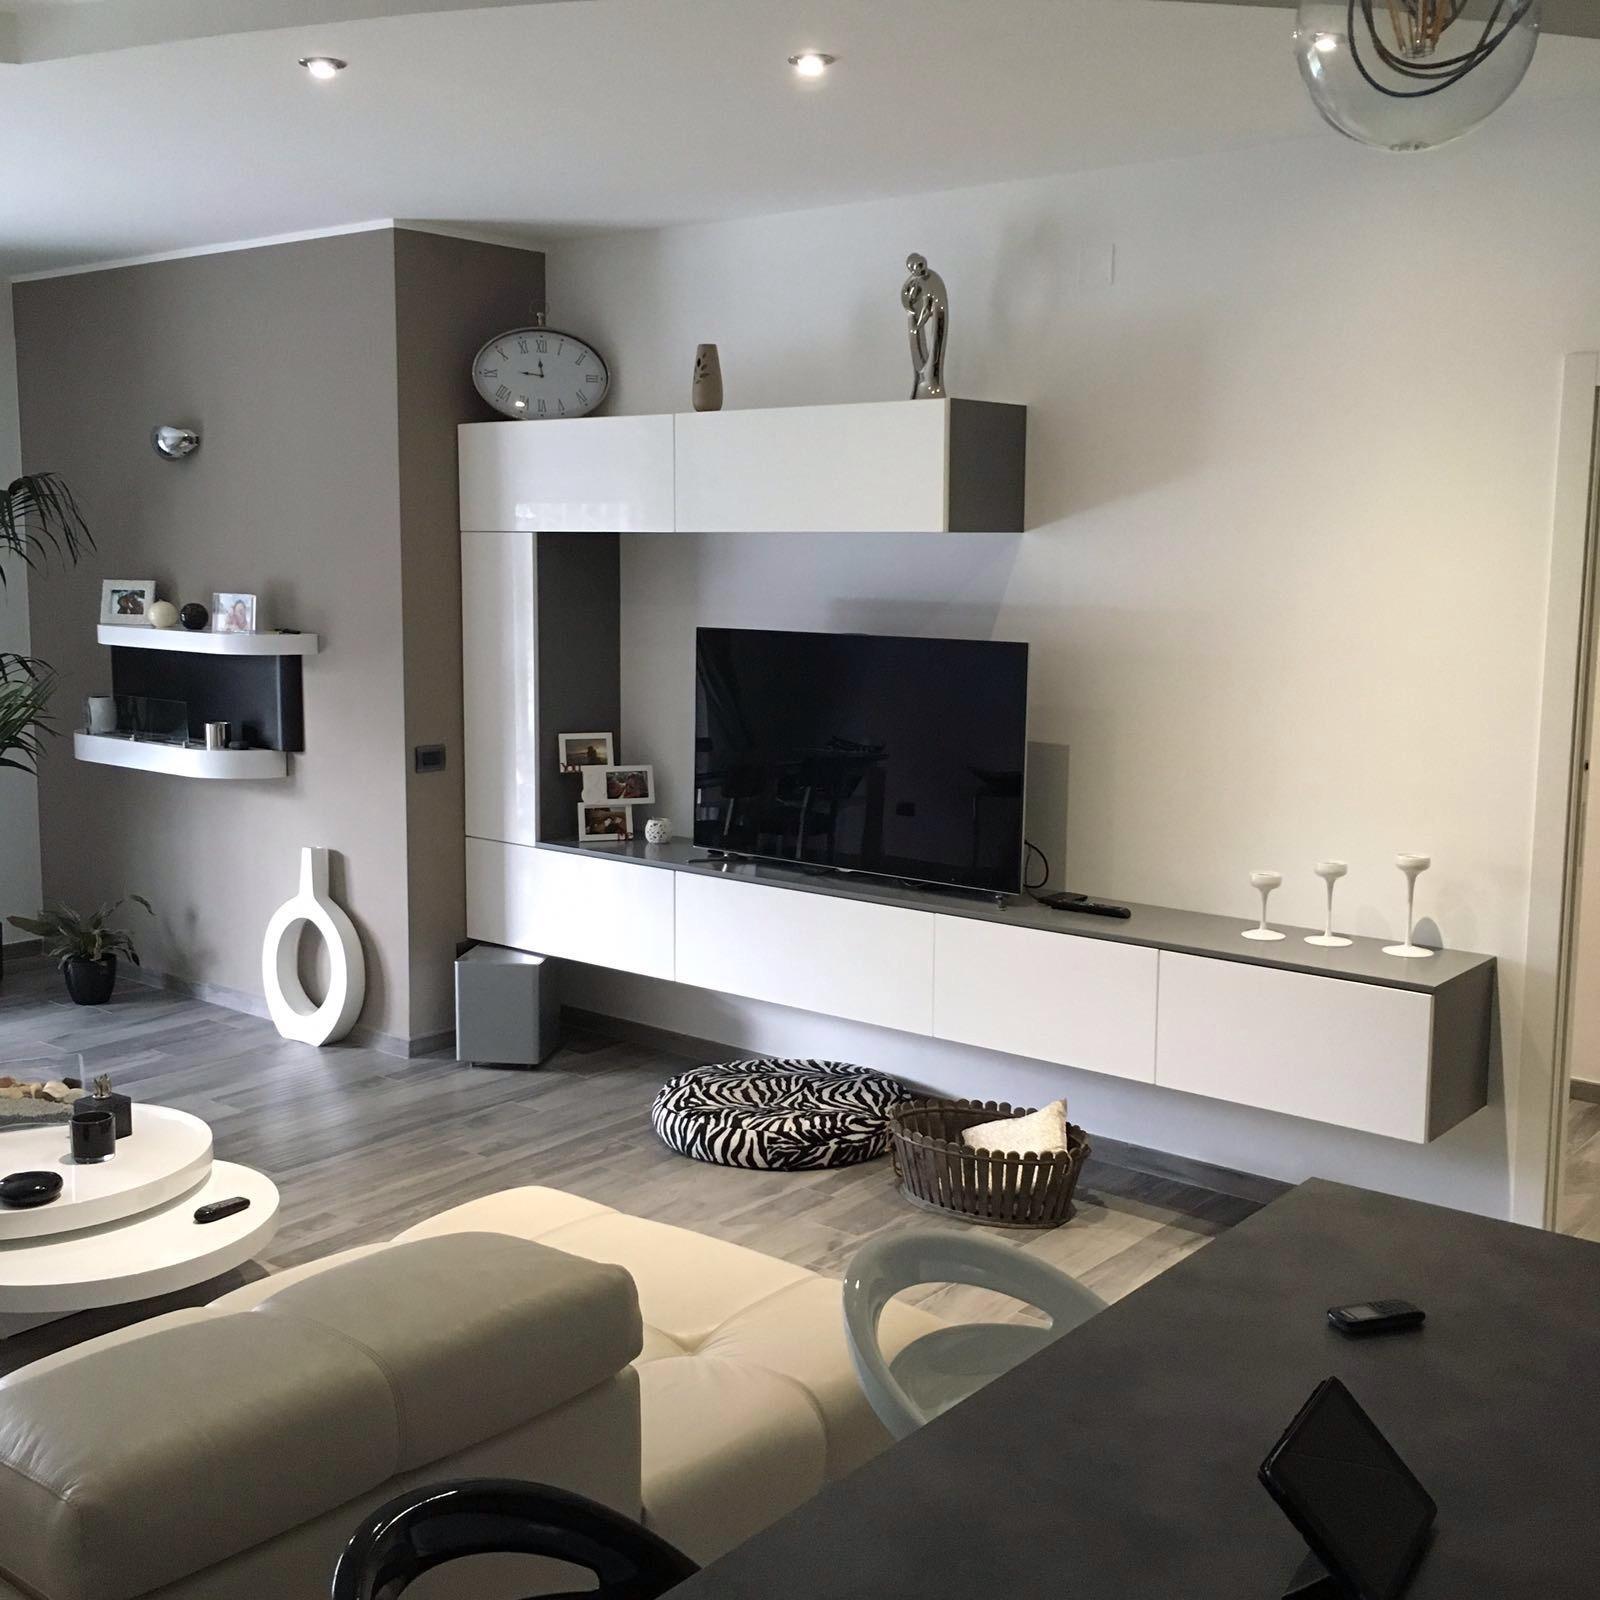 Cucina e living minimal moderno bianco e antracite basile for Soggiorno cucina moderno